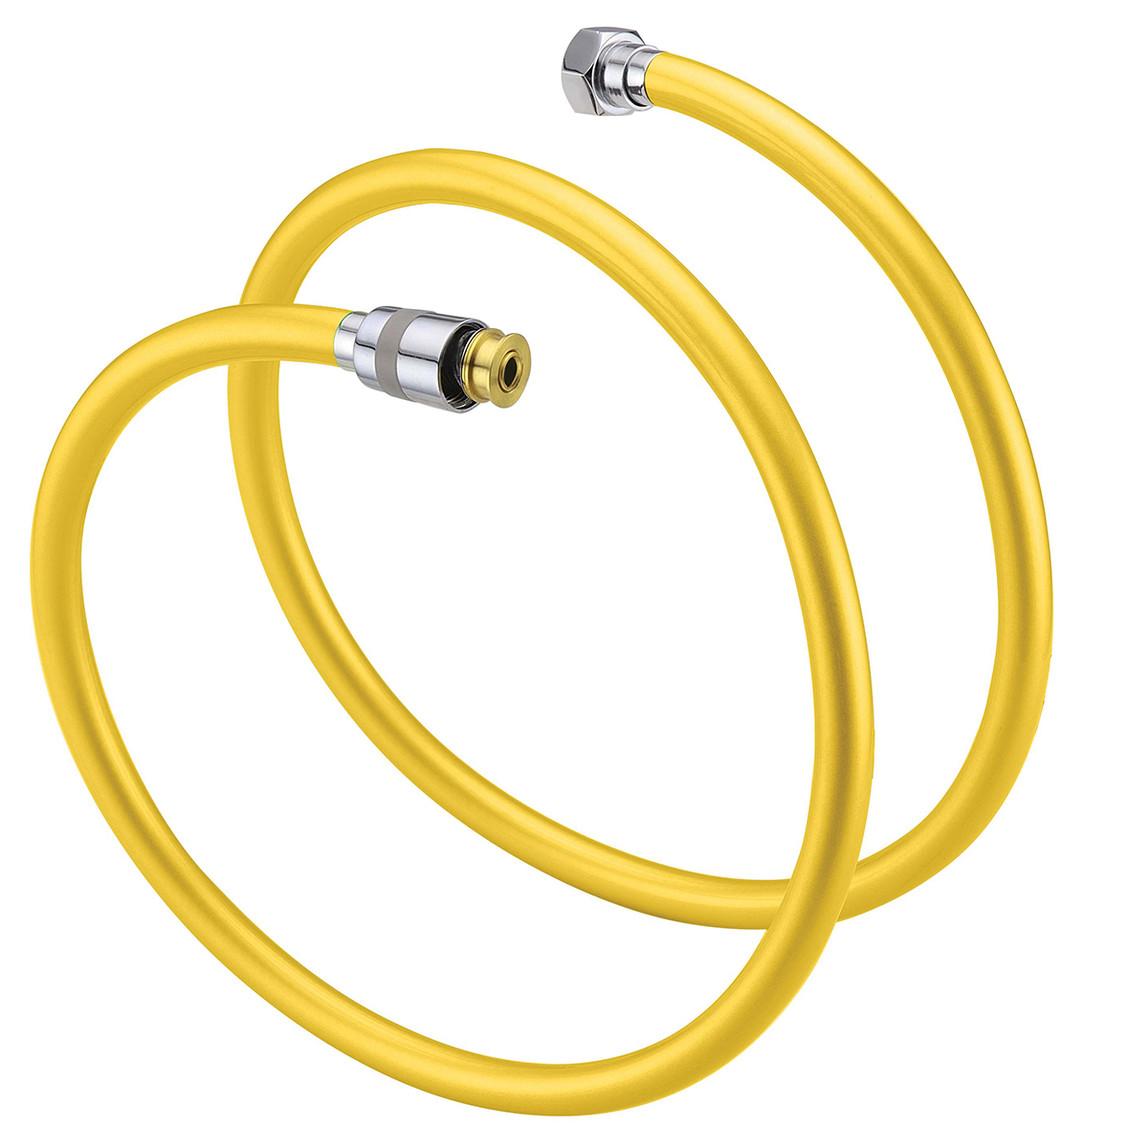 Pvc Duş Hortumu Sarı